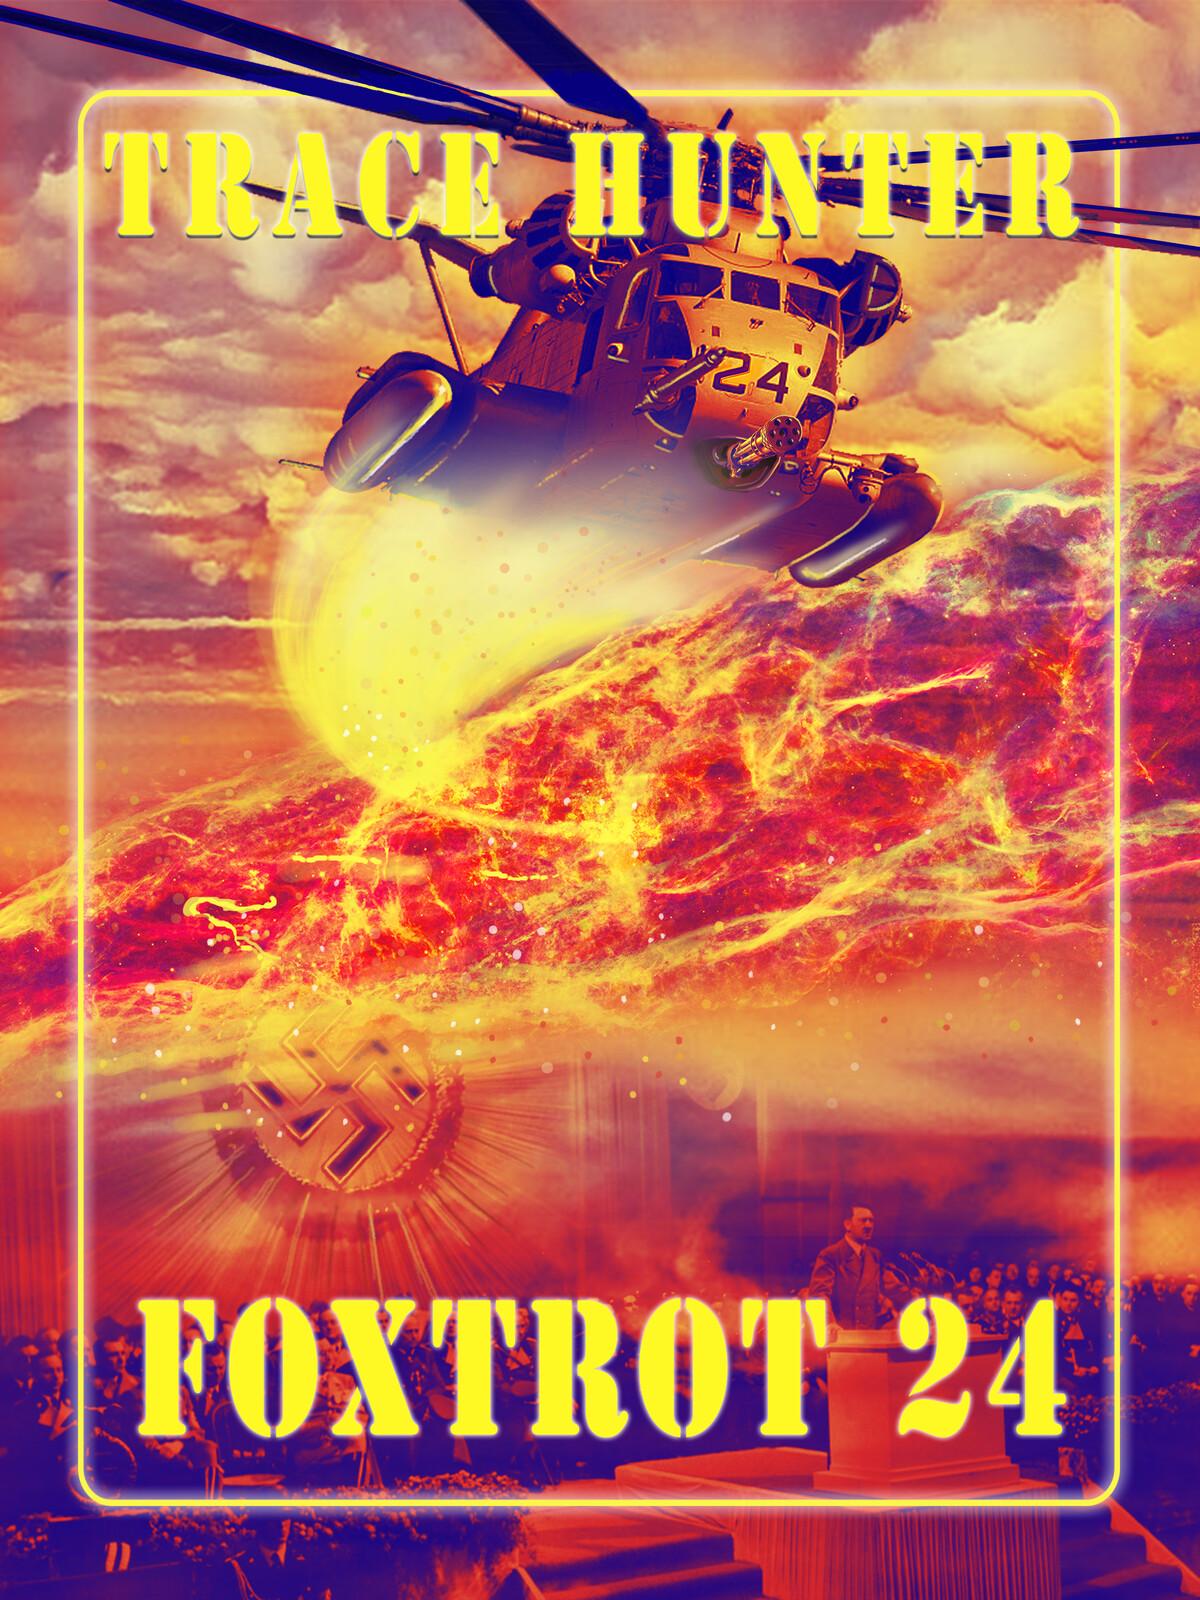 Foxtrot 24